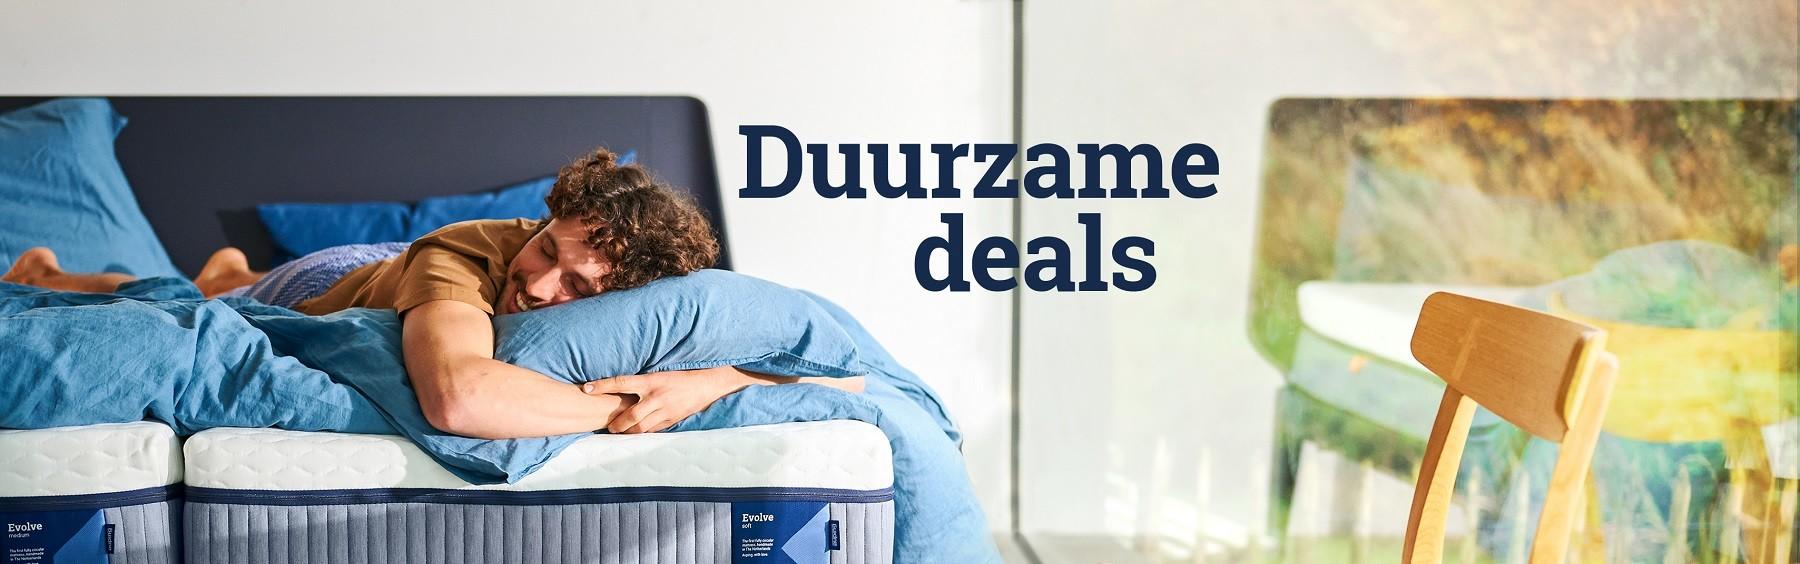 duurzame deals beddenwinkels auping